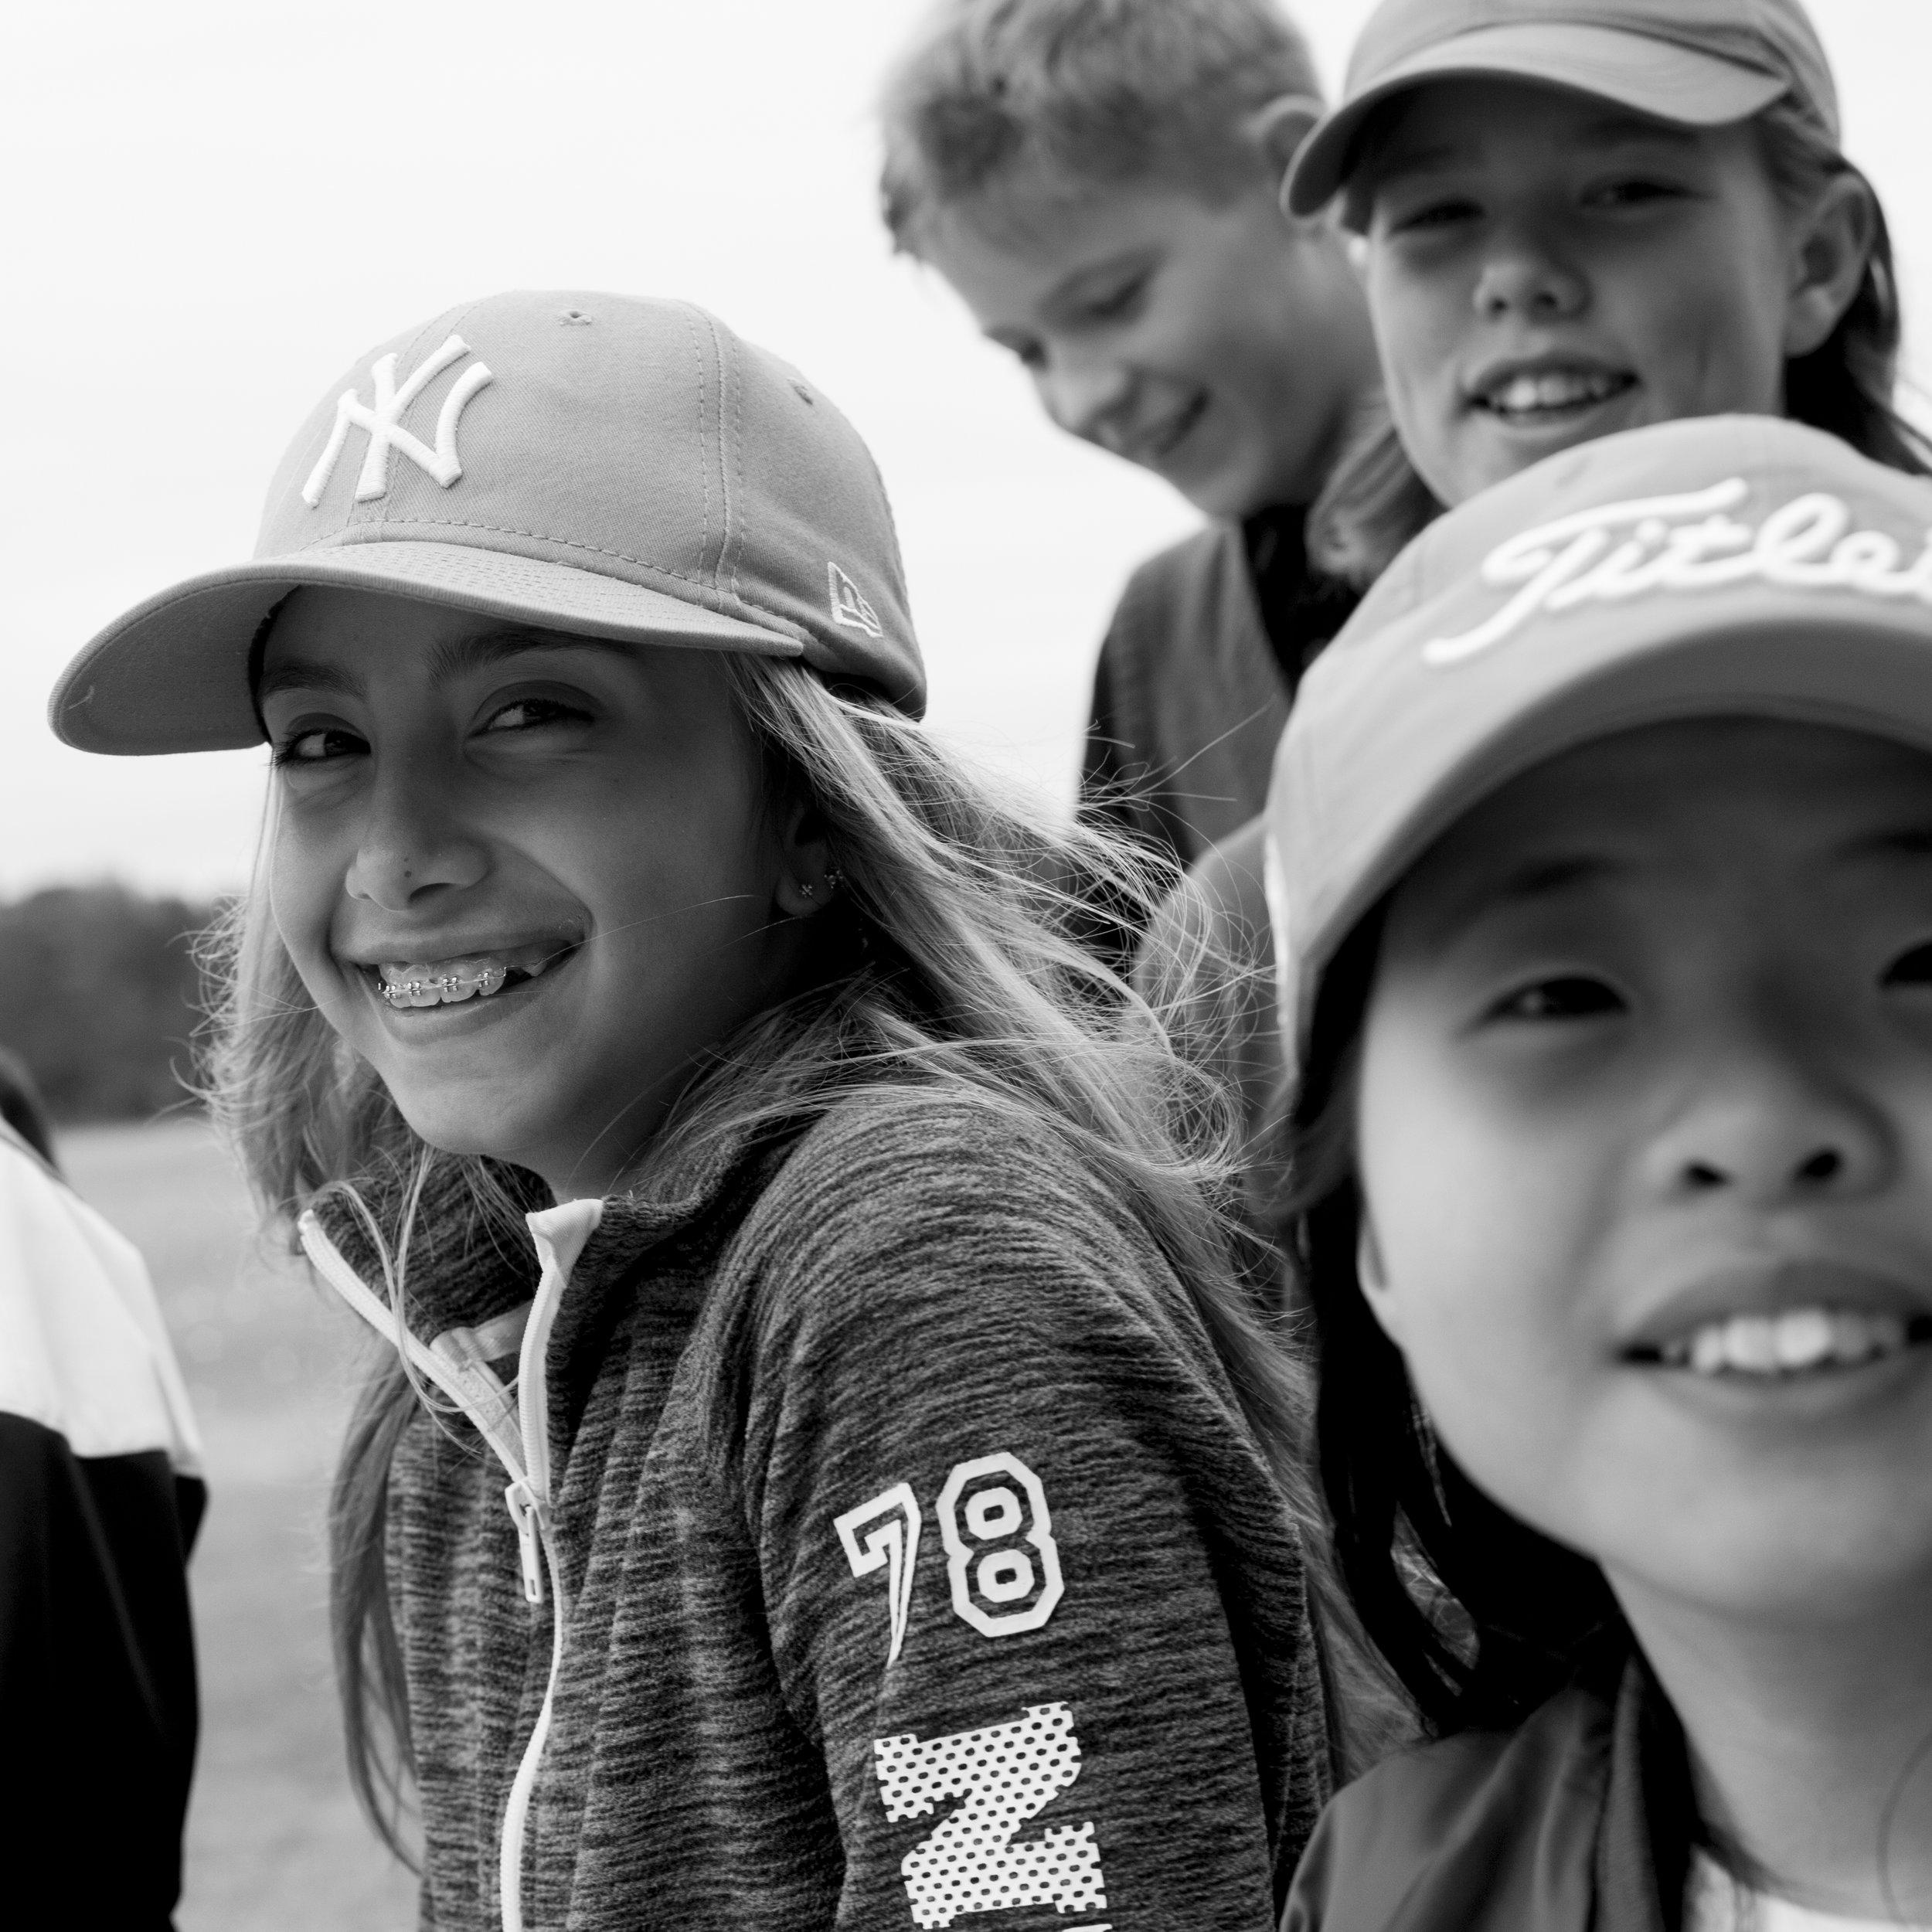 Junior summer camp - Idrott är en väldigt viktig del i varje barns uppväxt. Det finns många sporter och aktiviteter att prova på, men golfen är utan tvekan en av de mest heltäckande. Här får barnen träna, leka, skratta, tävla, umgås och vara ute i naturen. Ett kinderägg, med extra allt. Under Visby GK:s Summer Camps får barnen ett lärorikt och lekfullt insteg i golfens underbara värld.KursfaktaNybörjarkurs för barn 6-12 år4 dagar fyllda av spännande och roliga golfövningar och andra lekar, allt för att barnen ska få en så bra start på golfkarriären som möjligt.Kursavgift: 995 kr (lån av klubbor ingår)Kurstillfällen 2019: Veckovis må-tor6-8 år: kl 9:00-11:00 9-12 år: kl 12:00-14:00Datum:v28 8-11 juliv29 15-18 juliv30 22-25 juliv31 29 juli-1 augFör anmälan och frågor vänligen kontakta:Martin Bendelin Munkhammar.martin@visbygk.com0498-200939